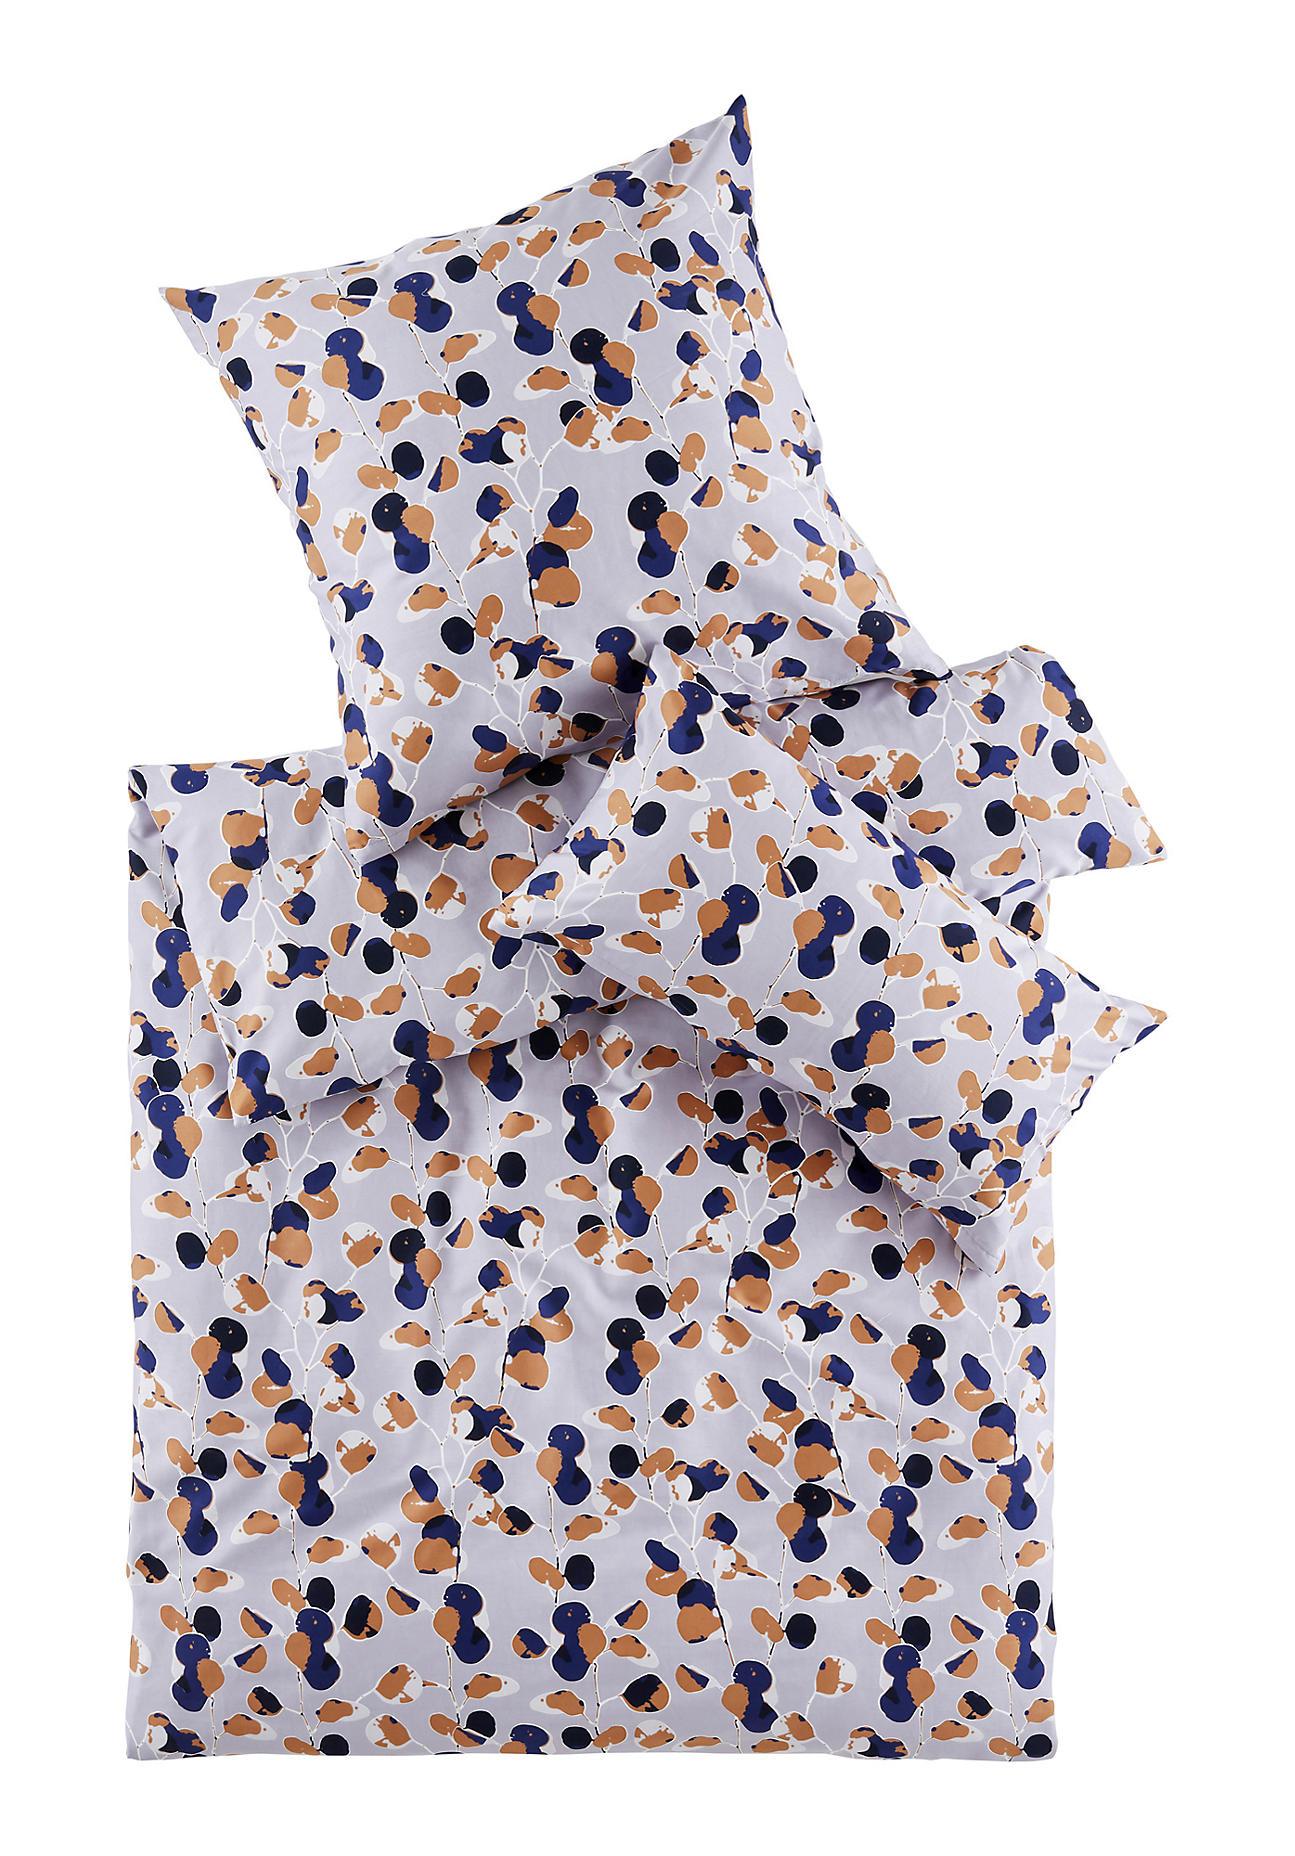 hessnatur Satin-Bettwäsche Rami aus Bio-Baumwolle – lila – Größe 135x200+40x80 cm